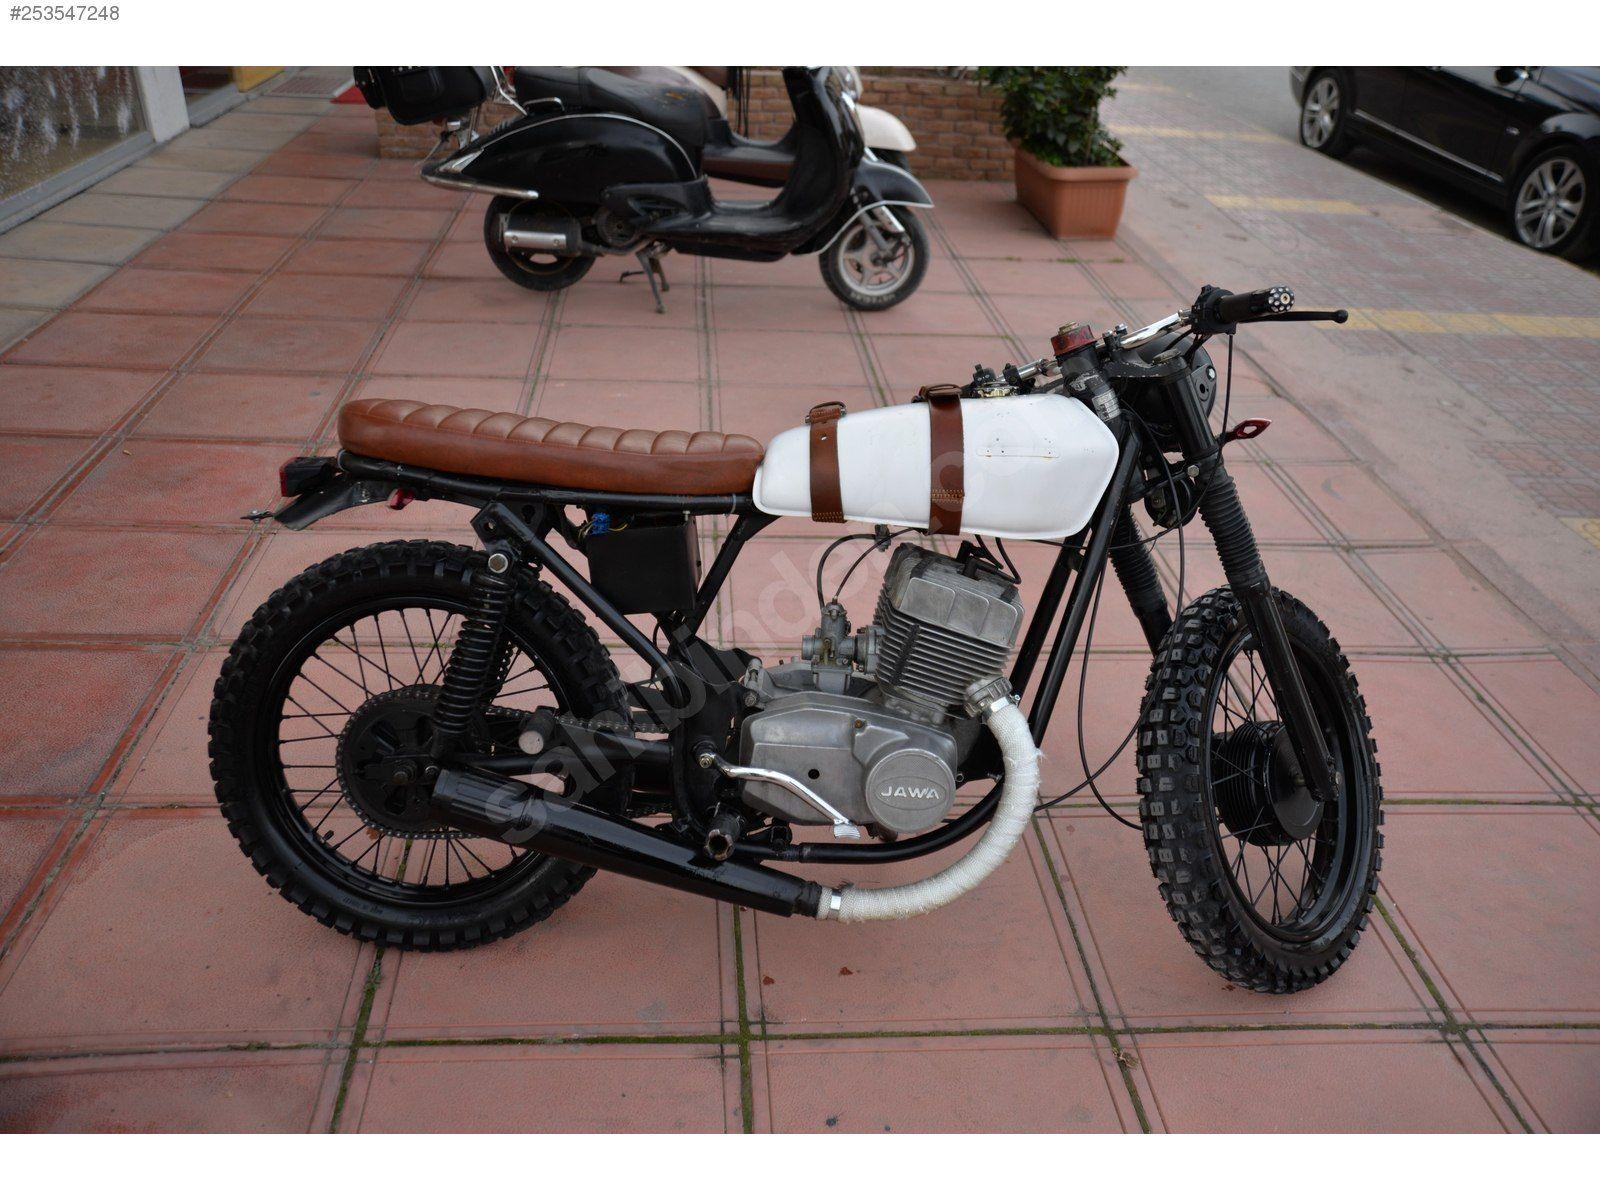 Jawa 350 Cafe Racer Motorbike Design Trike Motorcycle